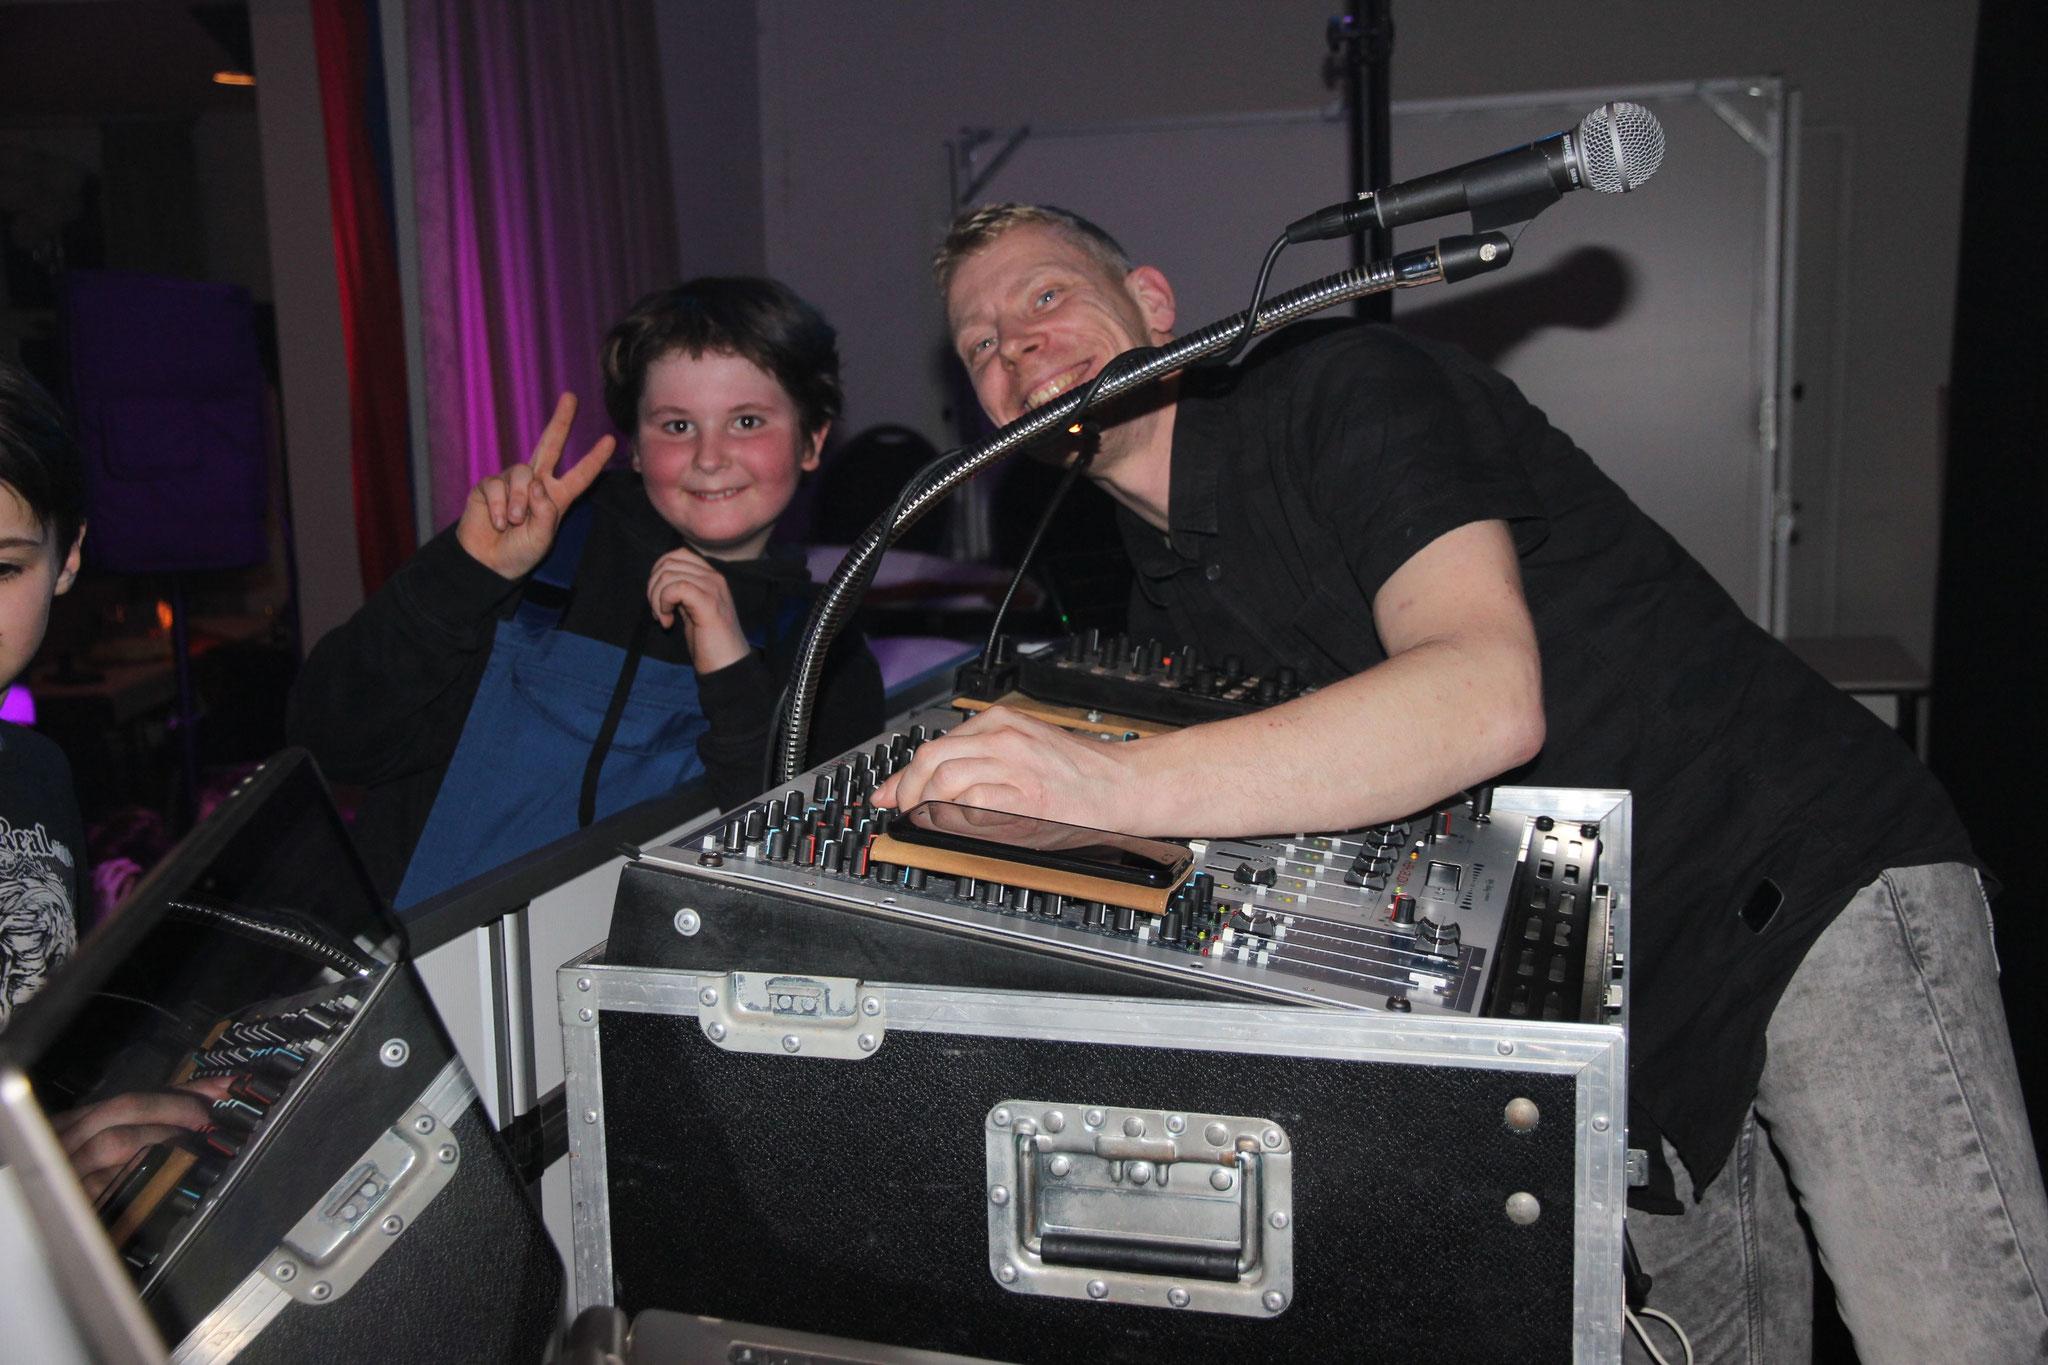 DJ Alex machte sich mit guter Musik viele neue Fans